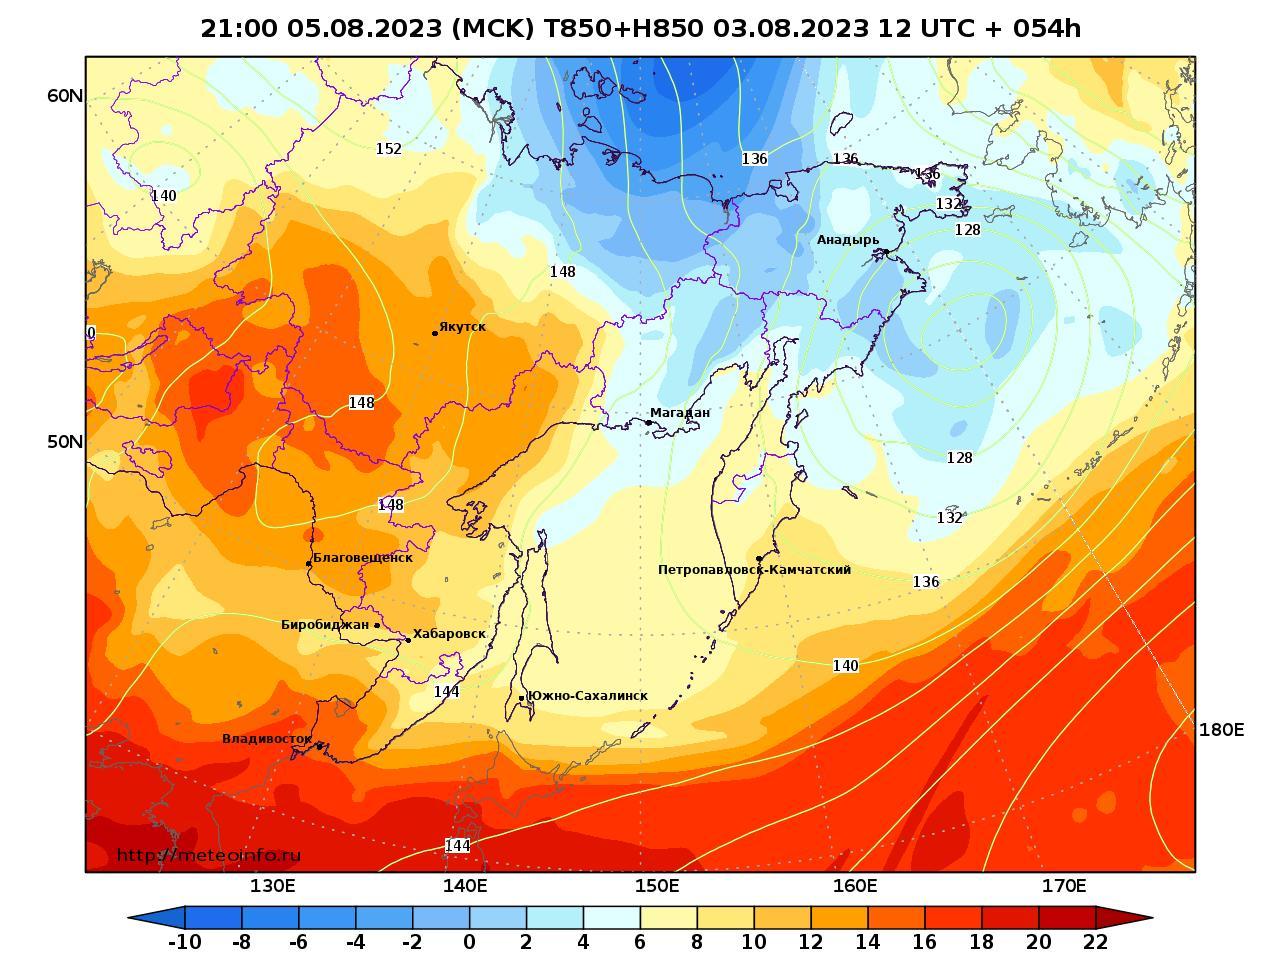 Дальний Восток, прогностическая карта температура T850 и геопотенциал H850, заблаговременность прогноза 54 часа